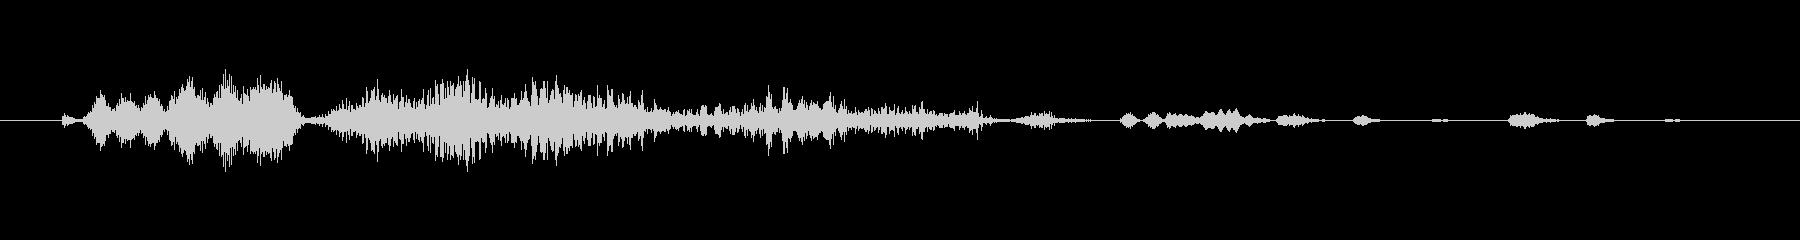 フィクション 電力装置 変動グリッチ04の未再生の波形